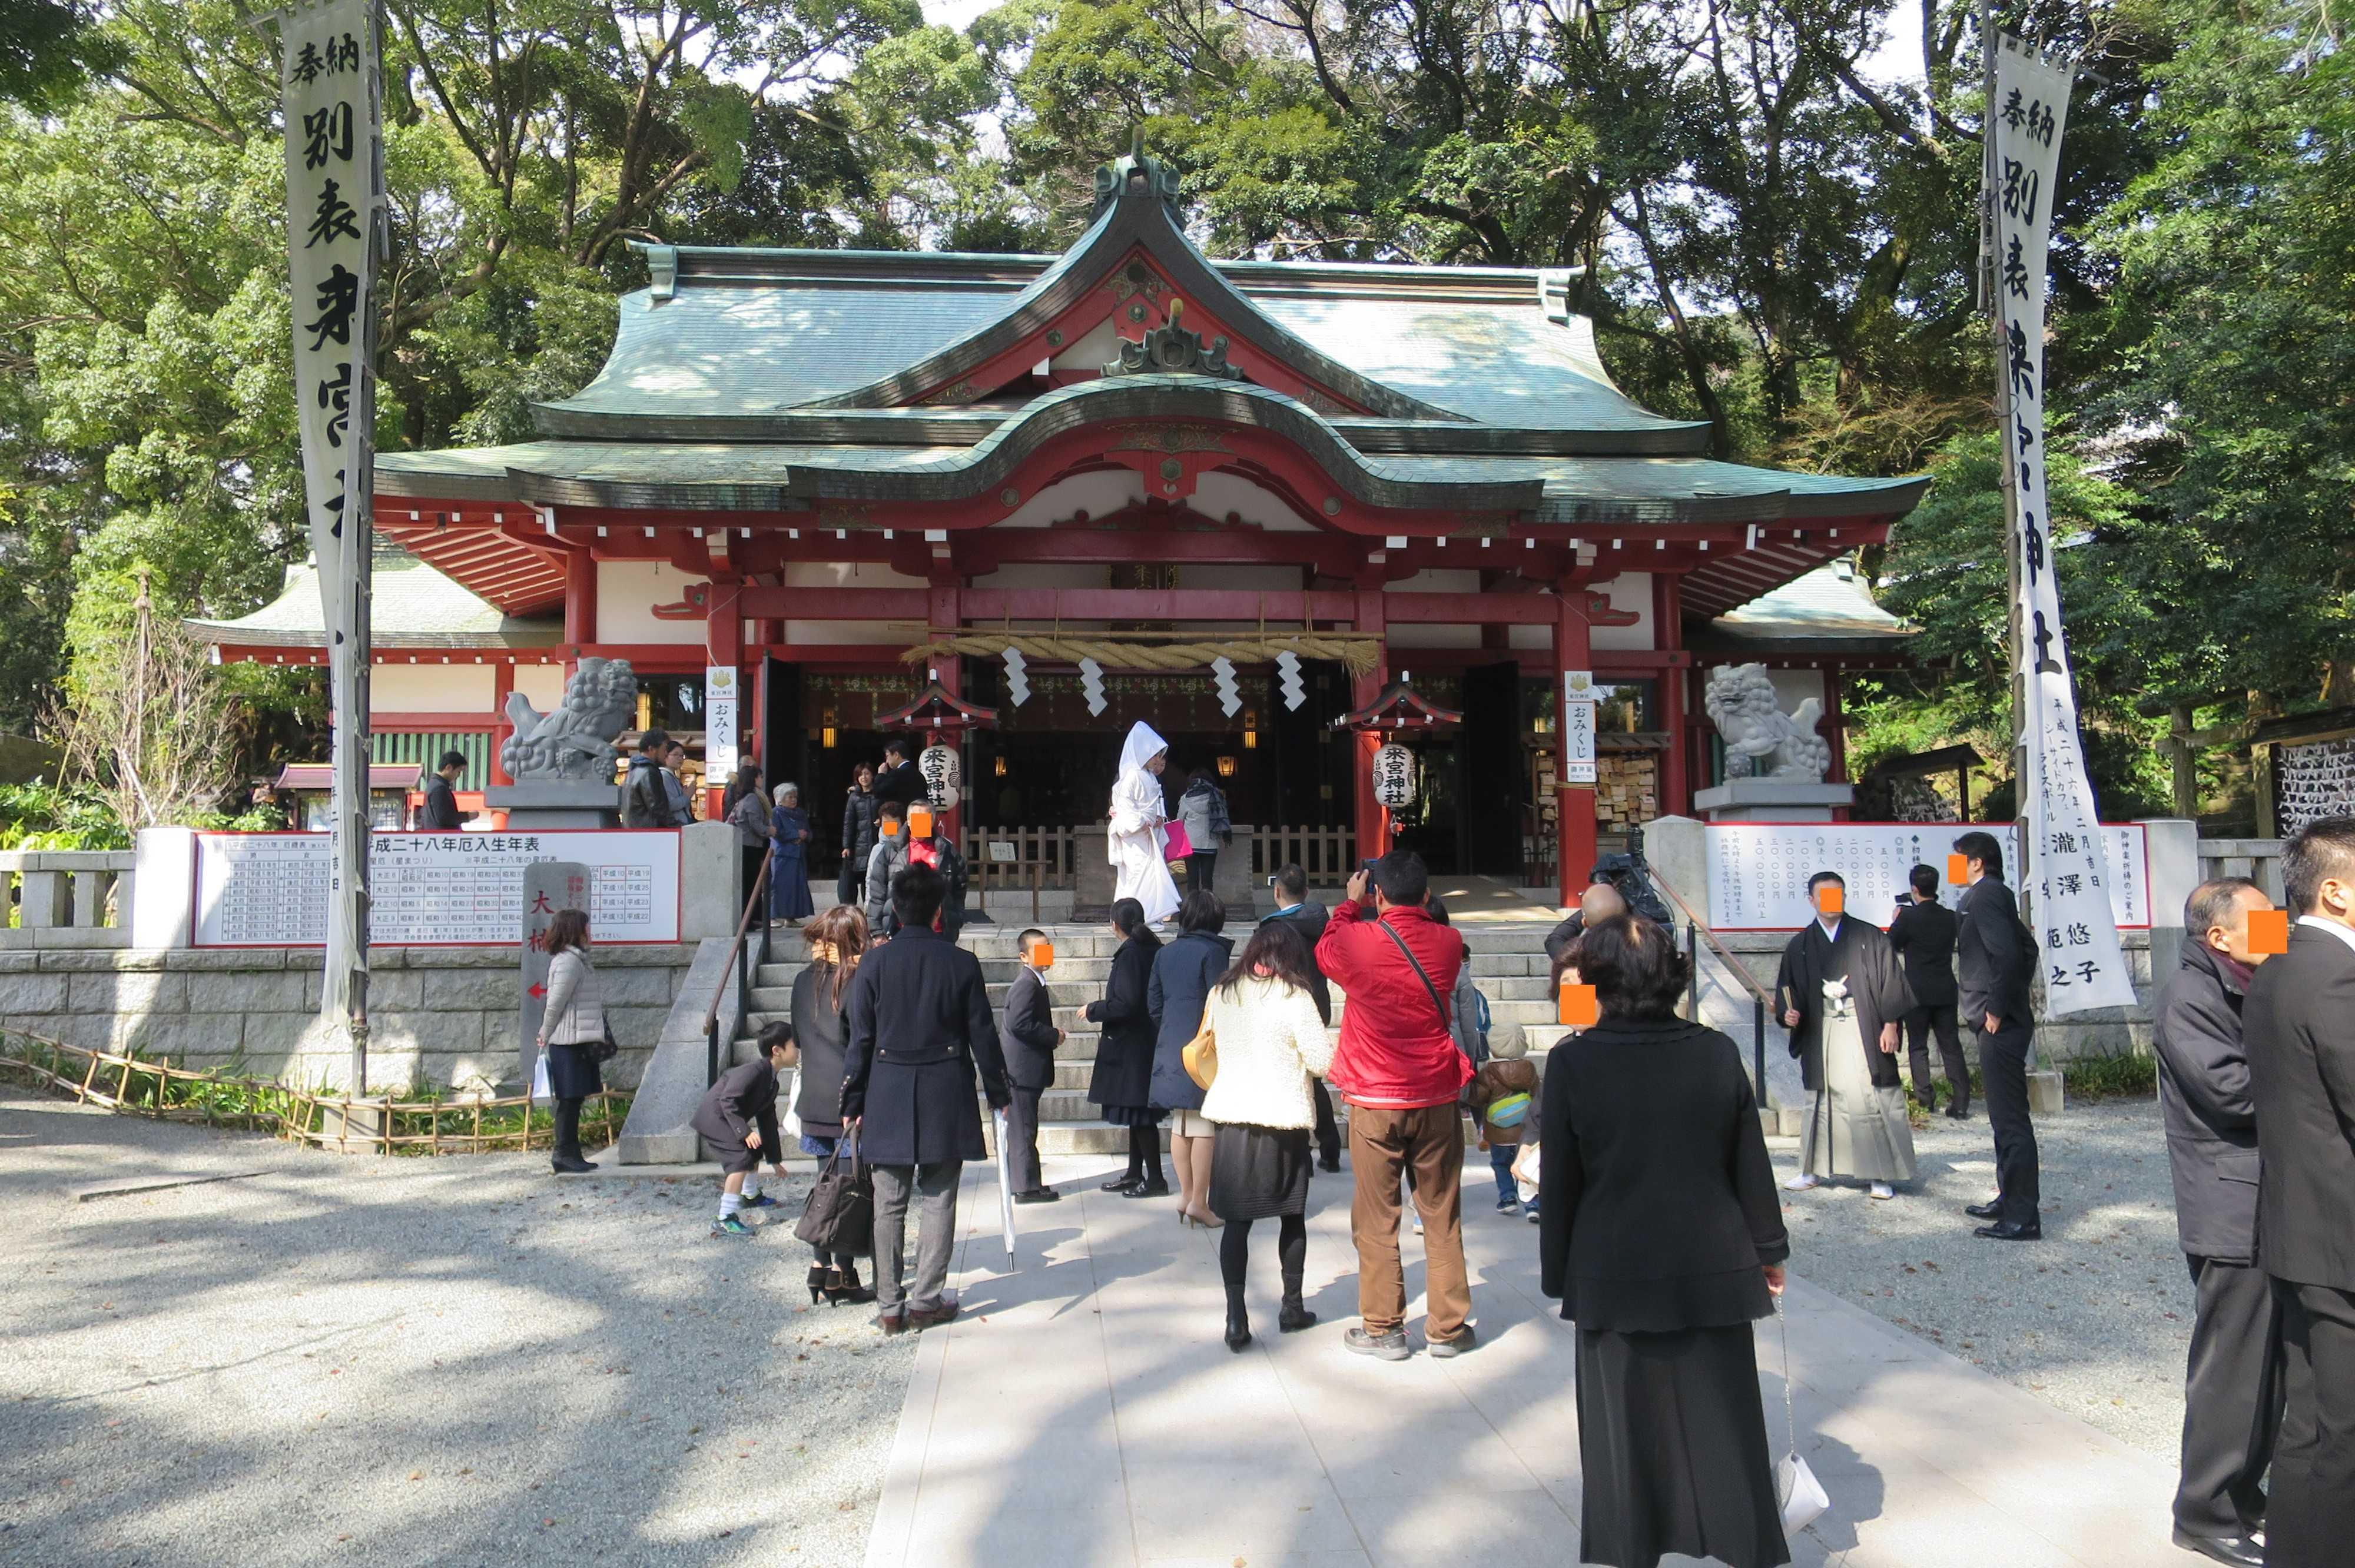 来宮神社 - 本殿